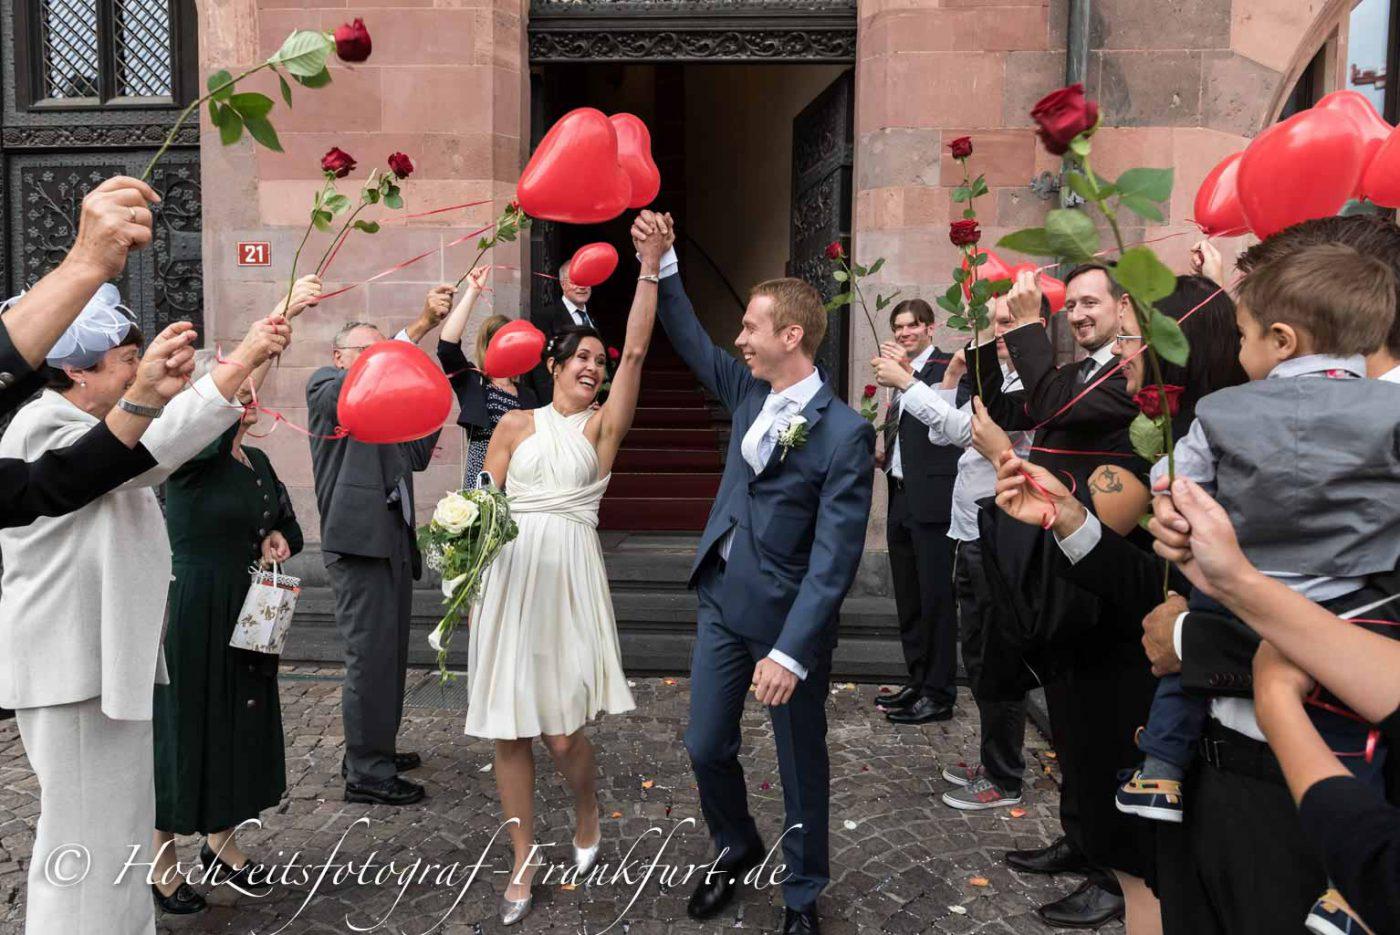 Standesamt Römer in Frankfurt am Main: Hand in Hand. die Hochzeitsgäste stehen mit Rosen Spalier. Das Hochzeitspaar reißt die Arme nach oben.